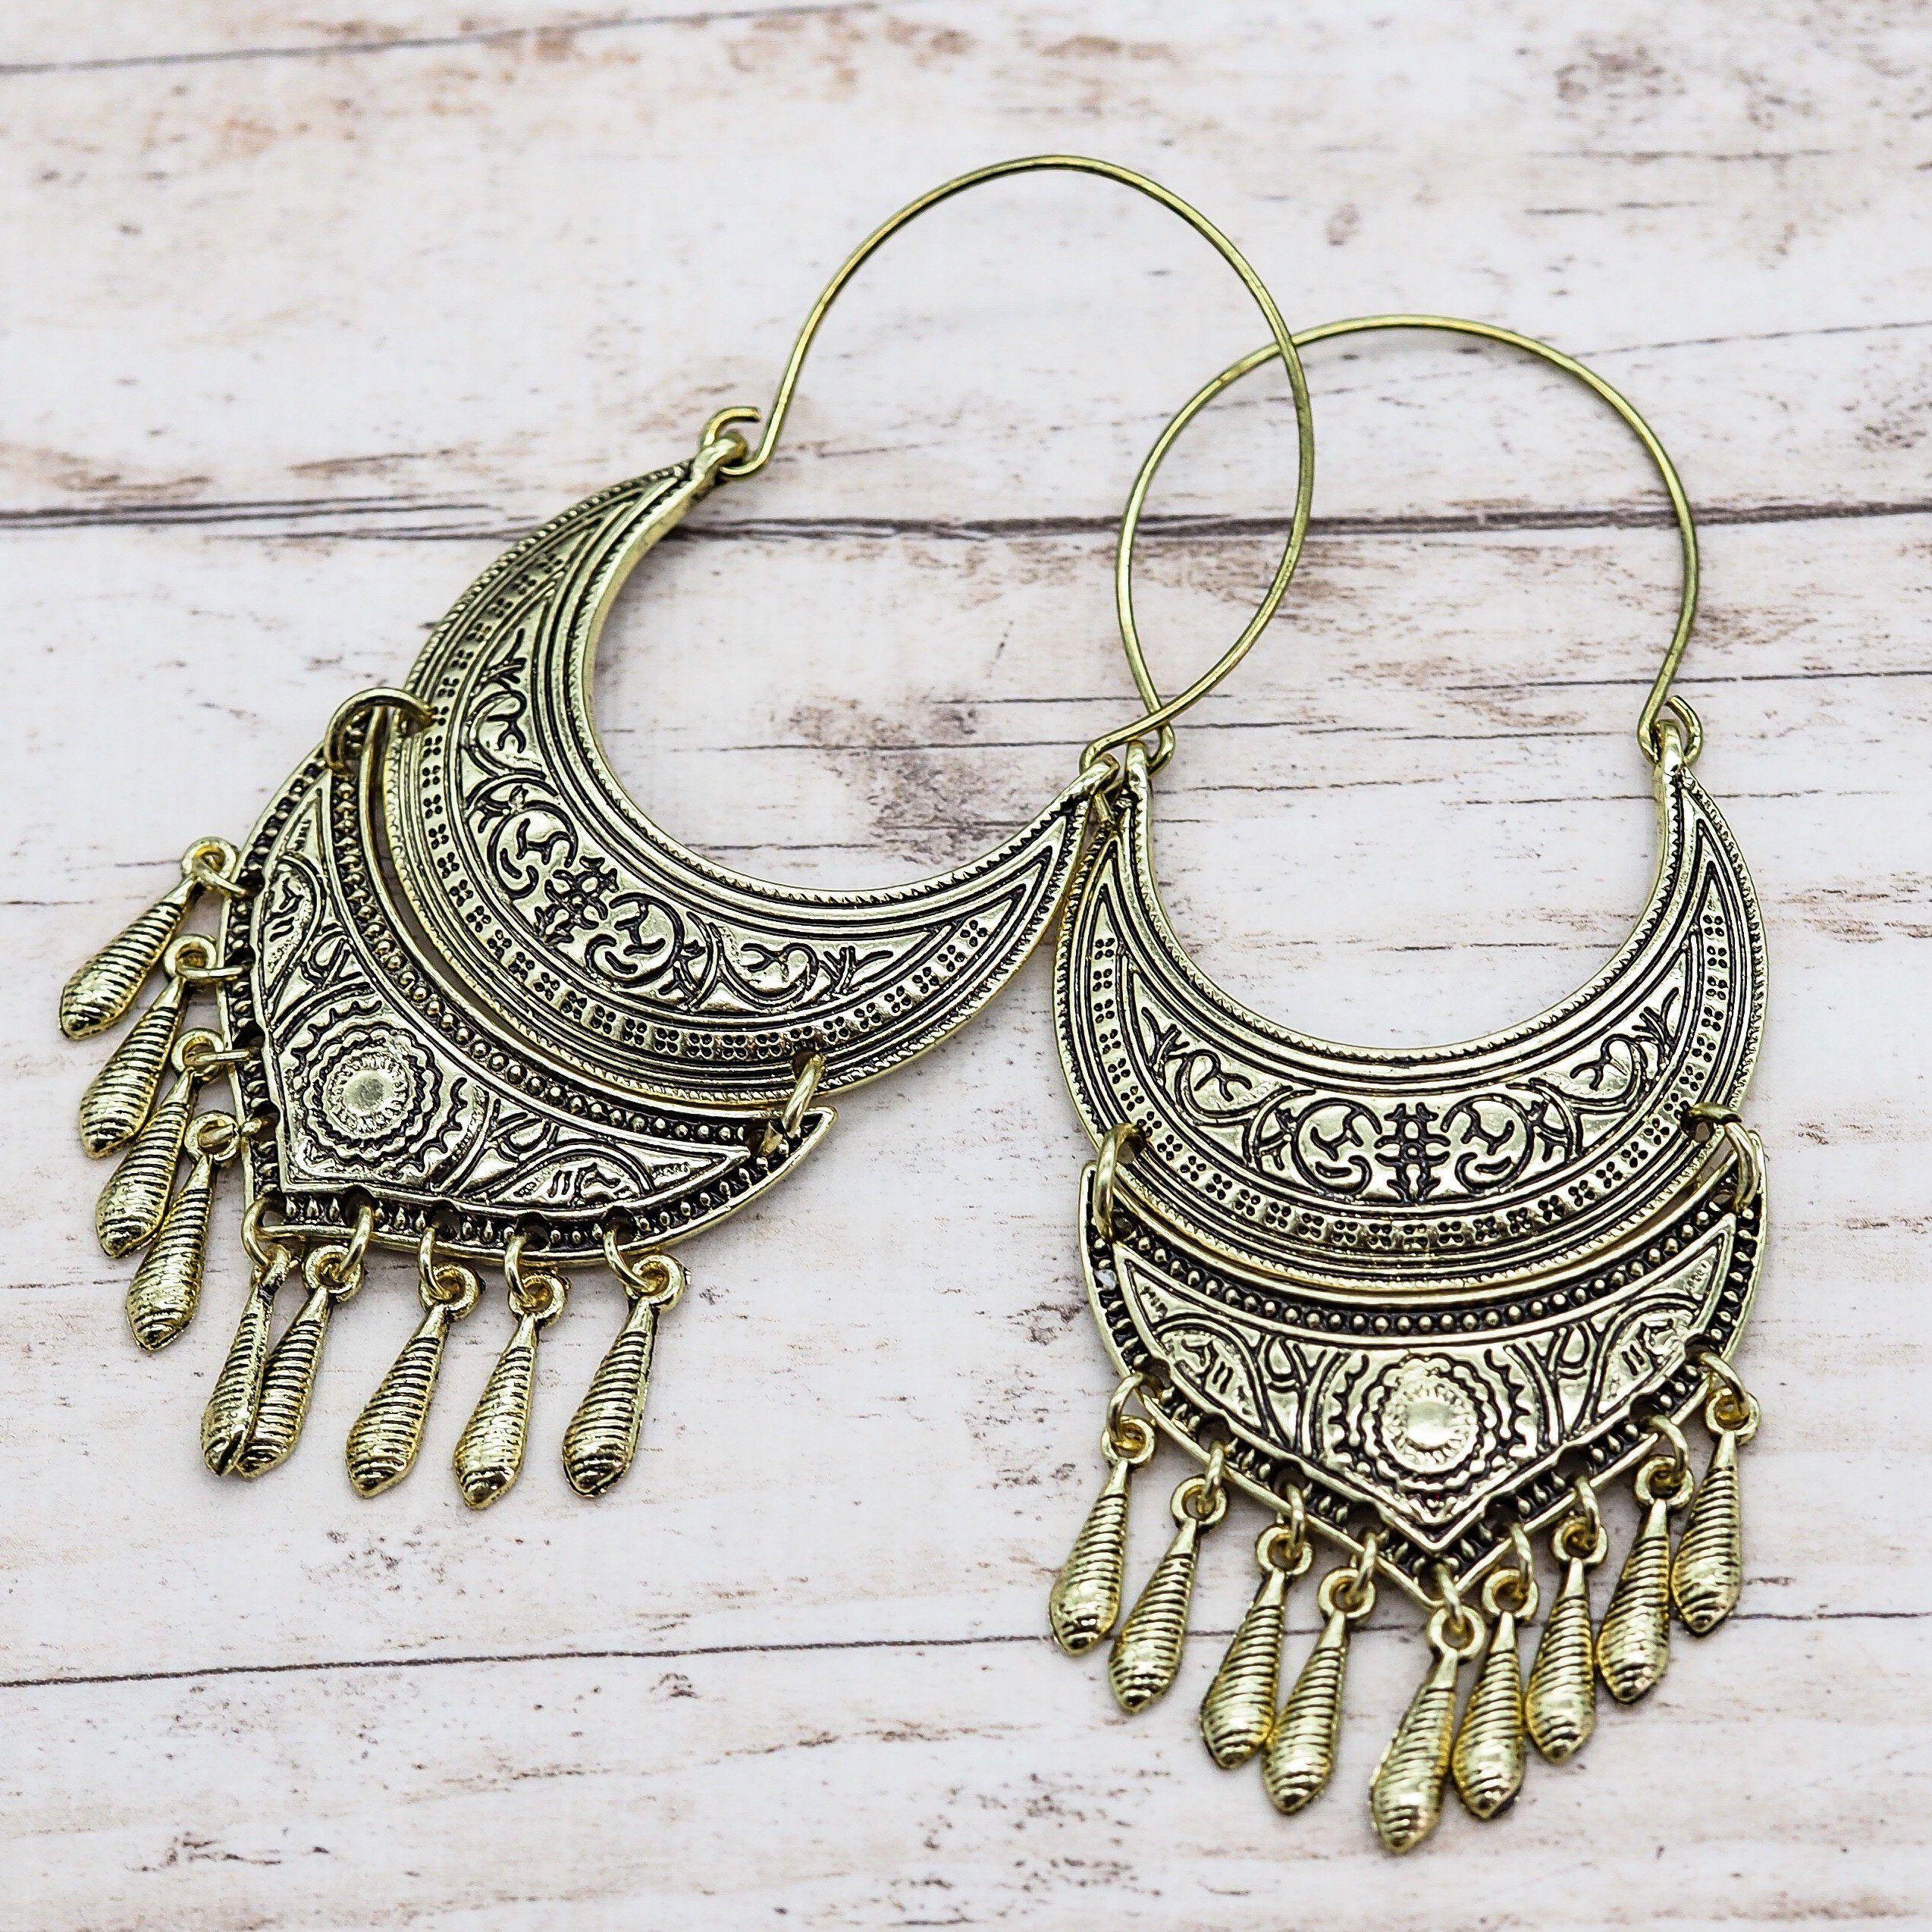 gypsy Hippie festival Cute tiny tribal gold hoop earrings boho cute Ornate ethnic style brass earrings